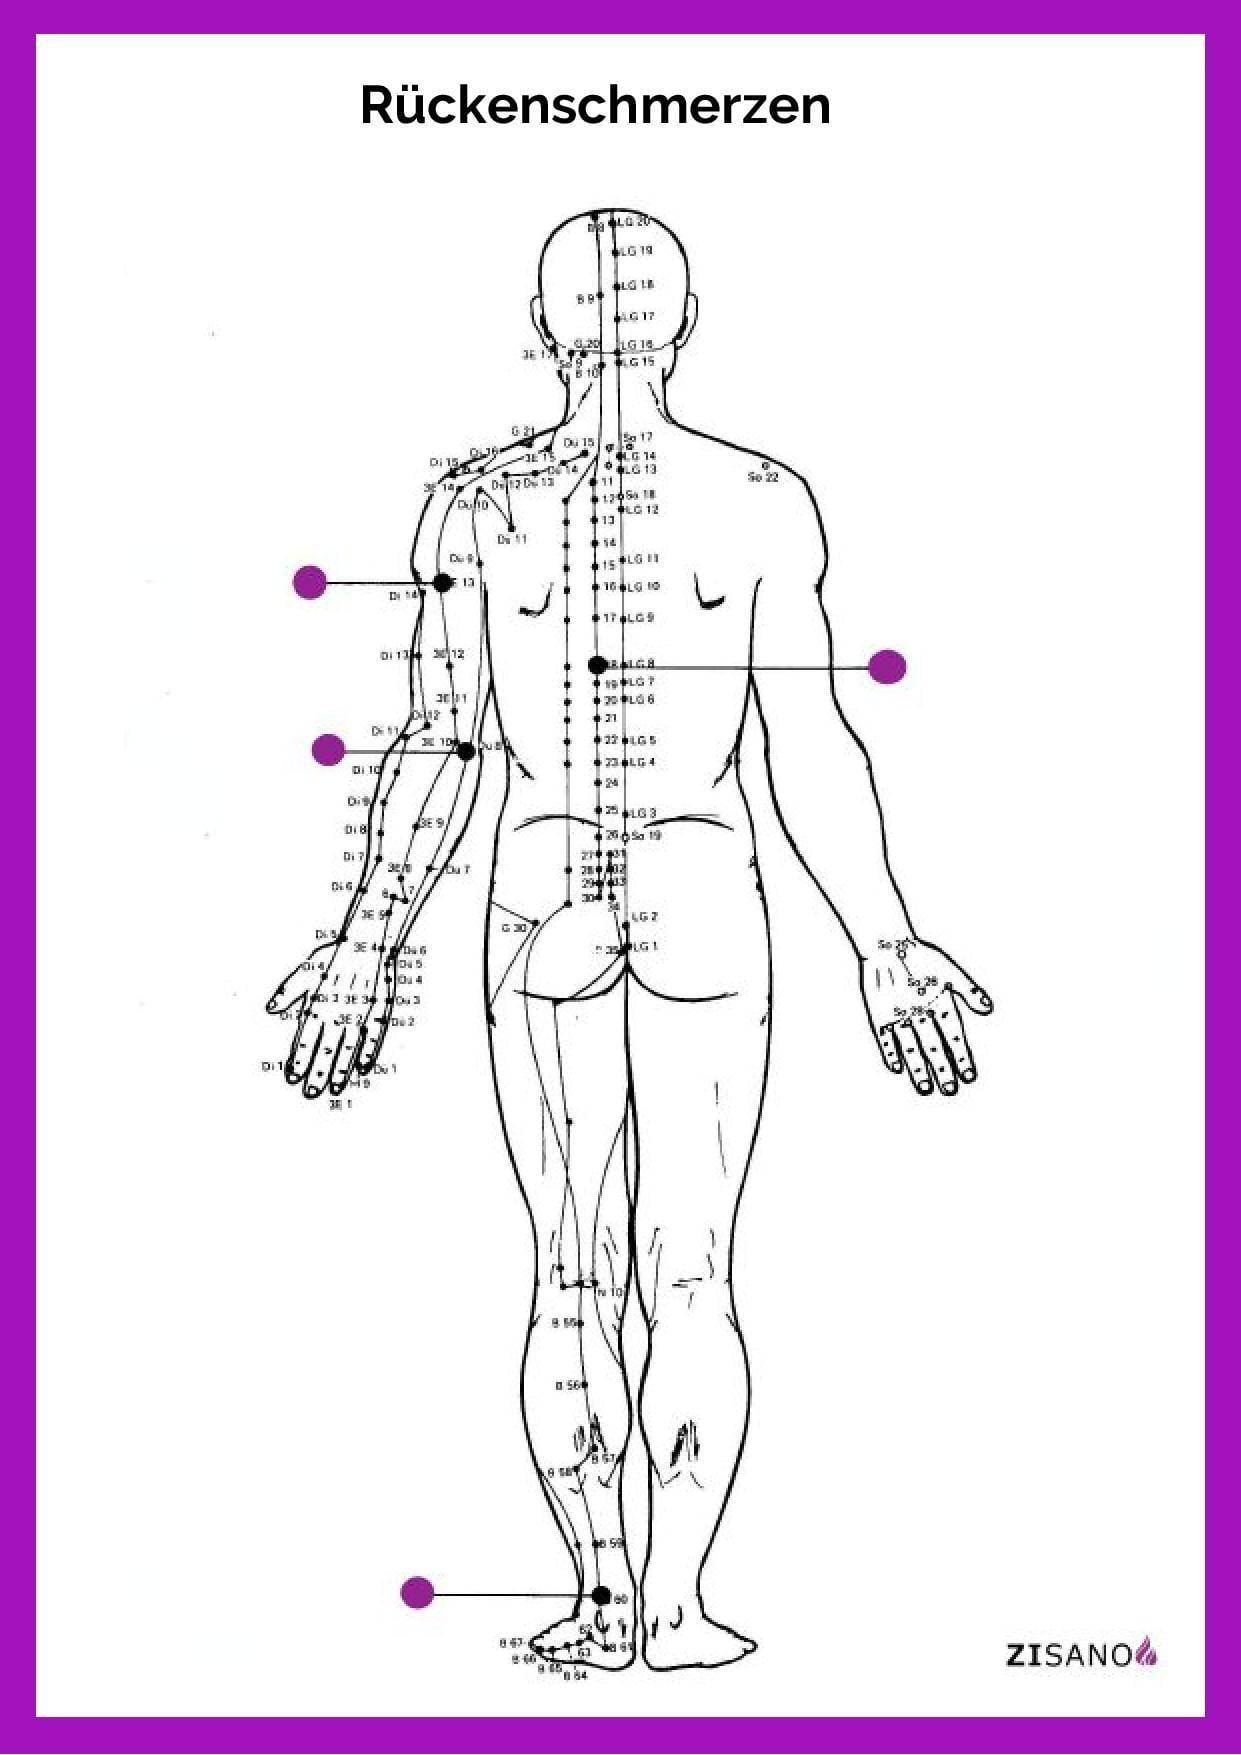 Meridiane - Rückenschmerzen - Behandlung